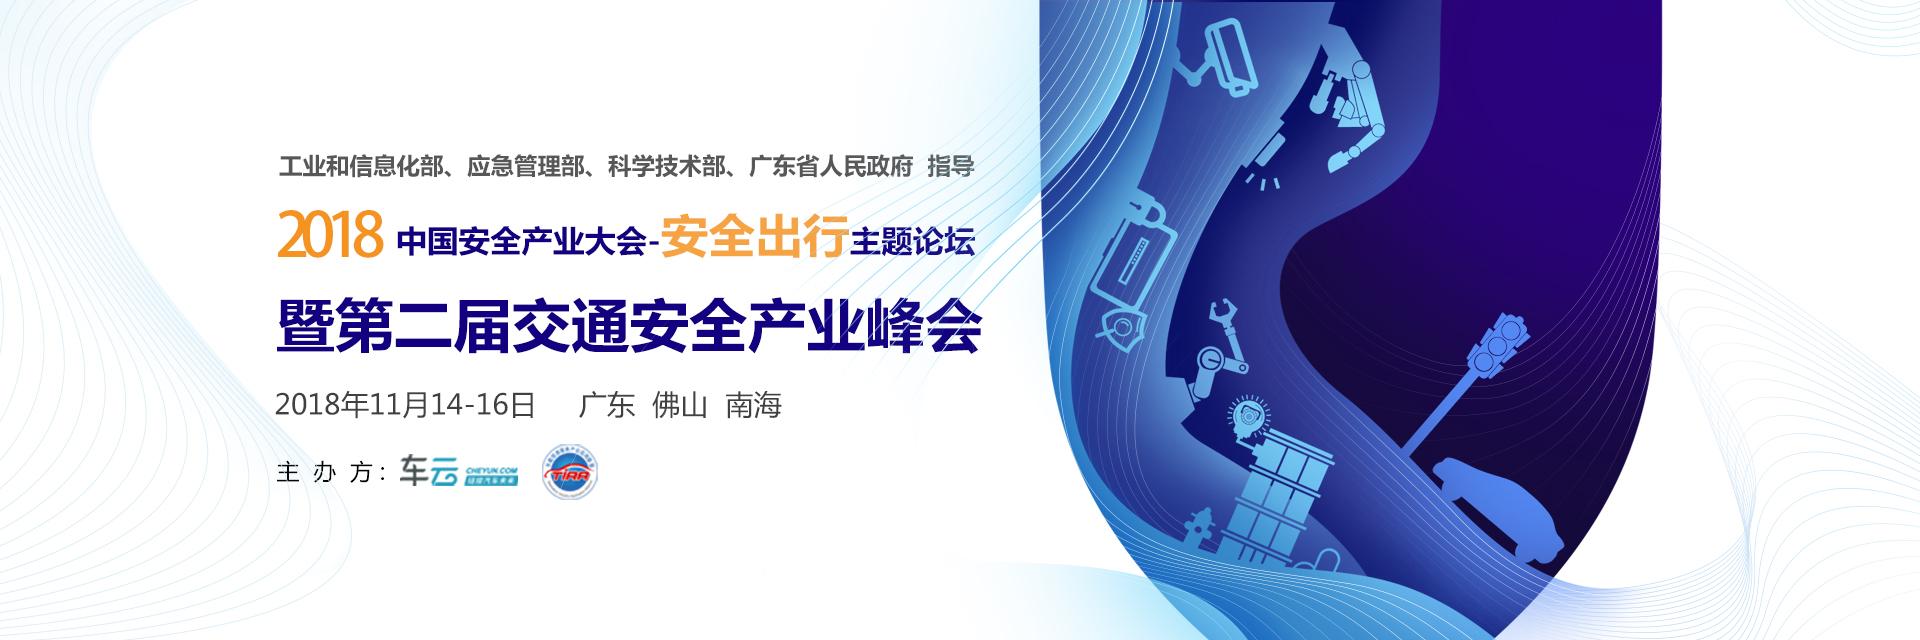 2018中国安全产业大会安全出行主题论坛暨第二届交通安全产业峰会